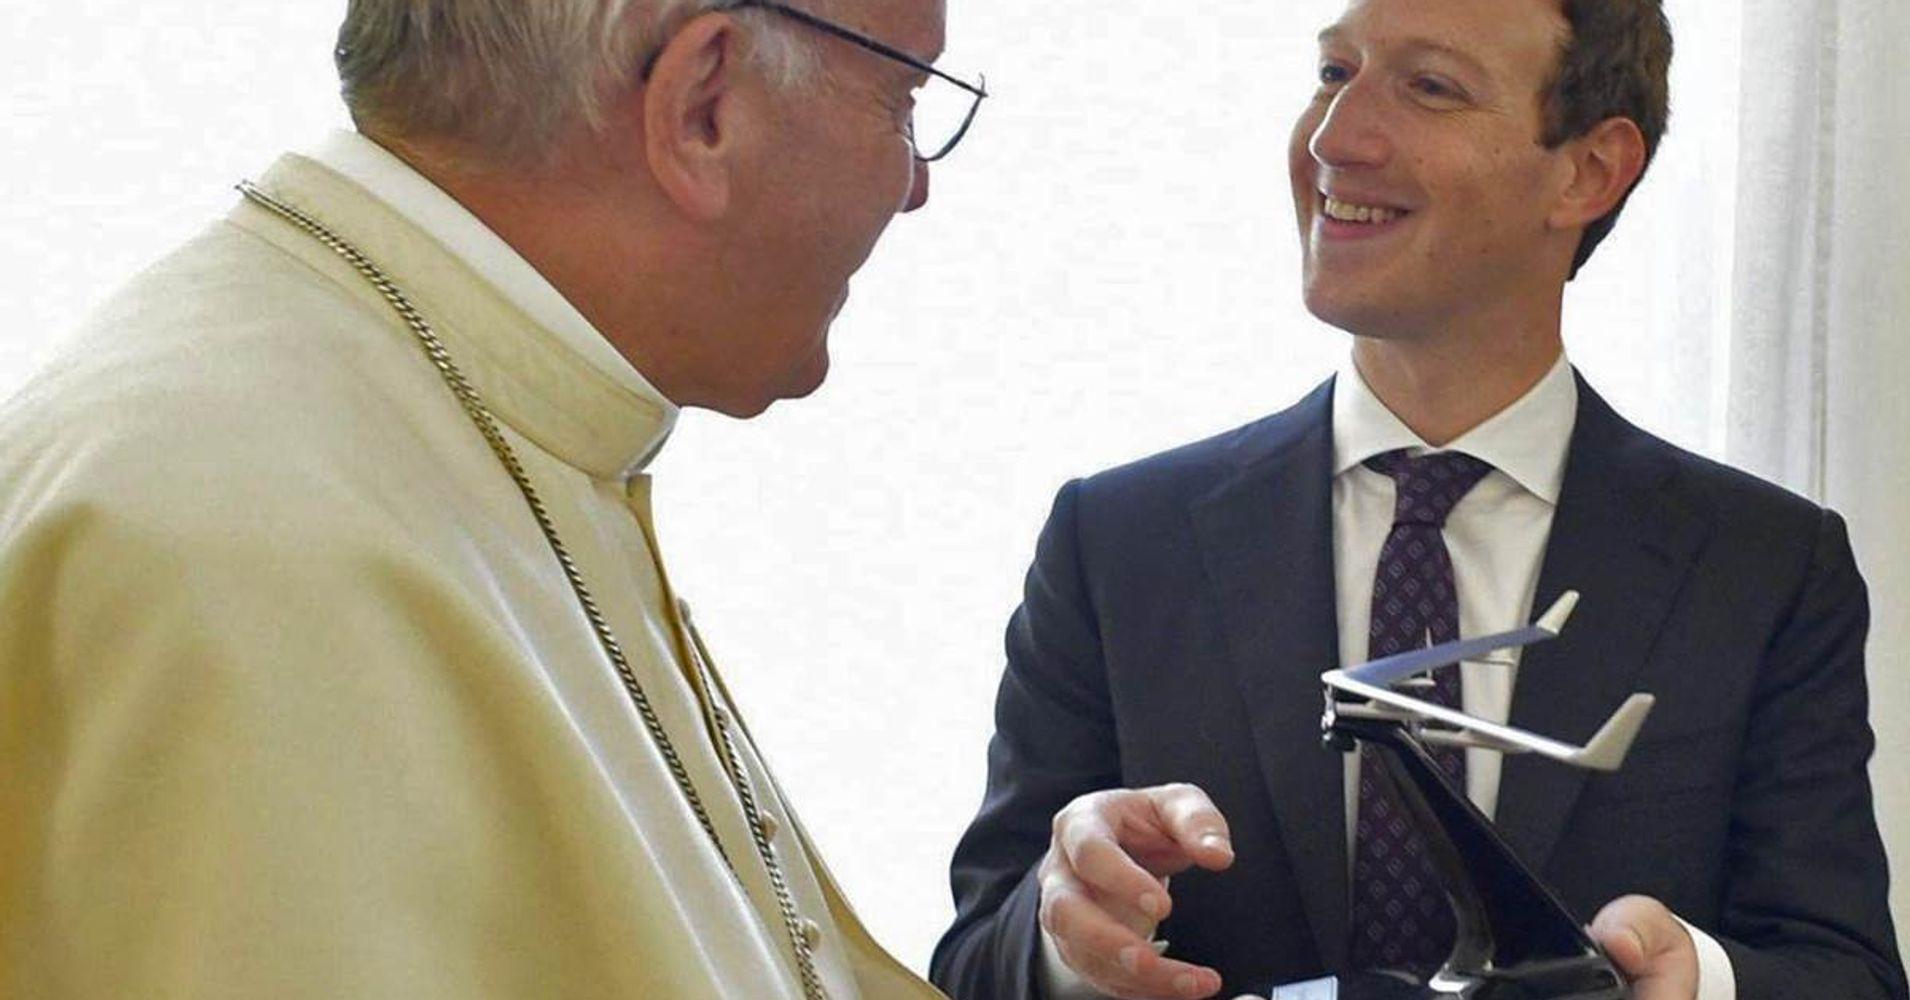 Mark Zuckerberg Update: Status Update: Unpacking Mark Zuckerberg's Religious Turn